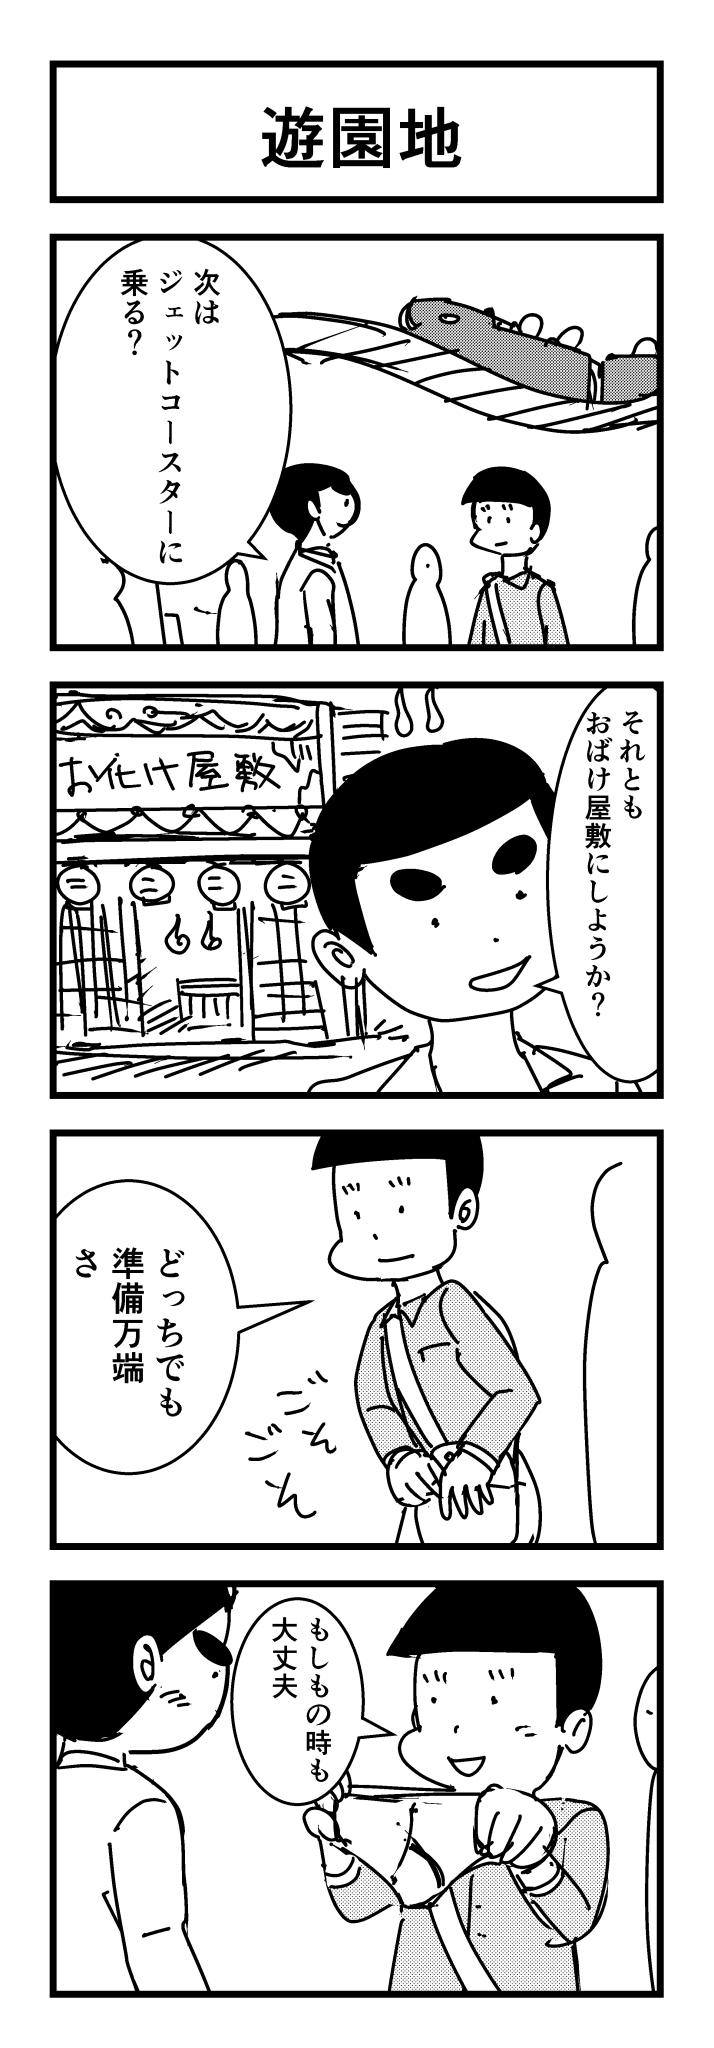 マー坊 第2集